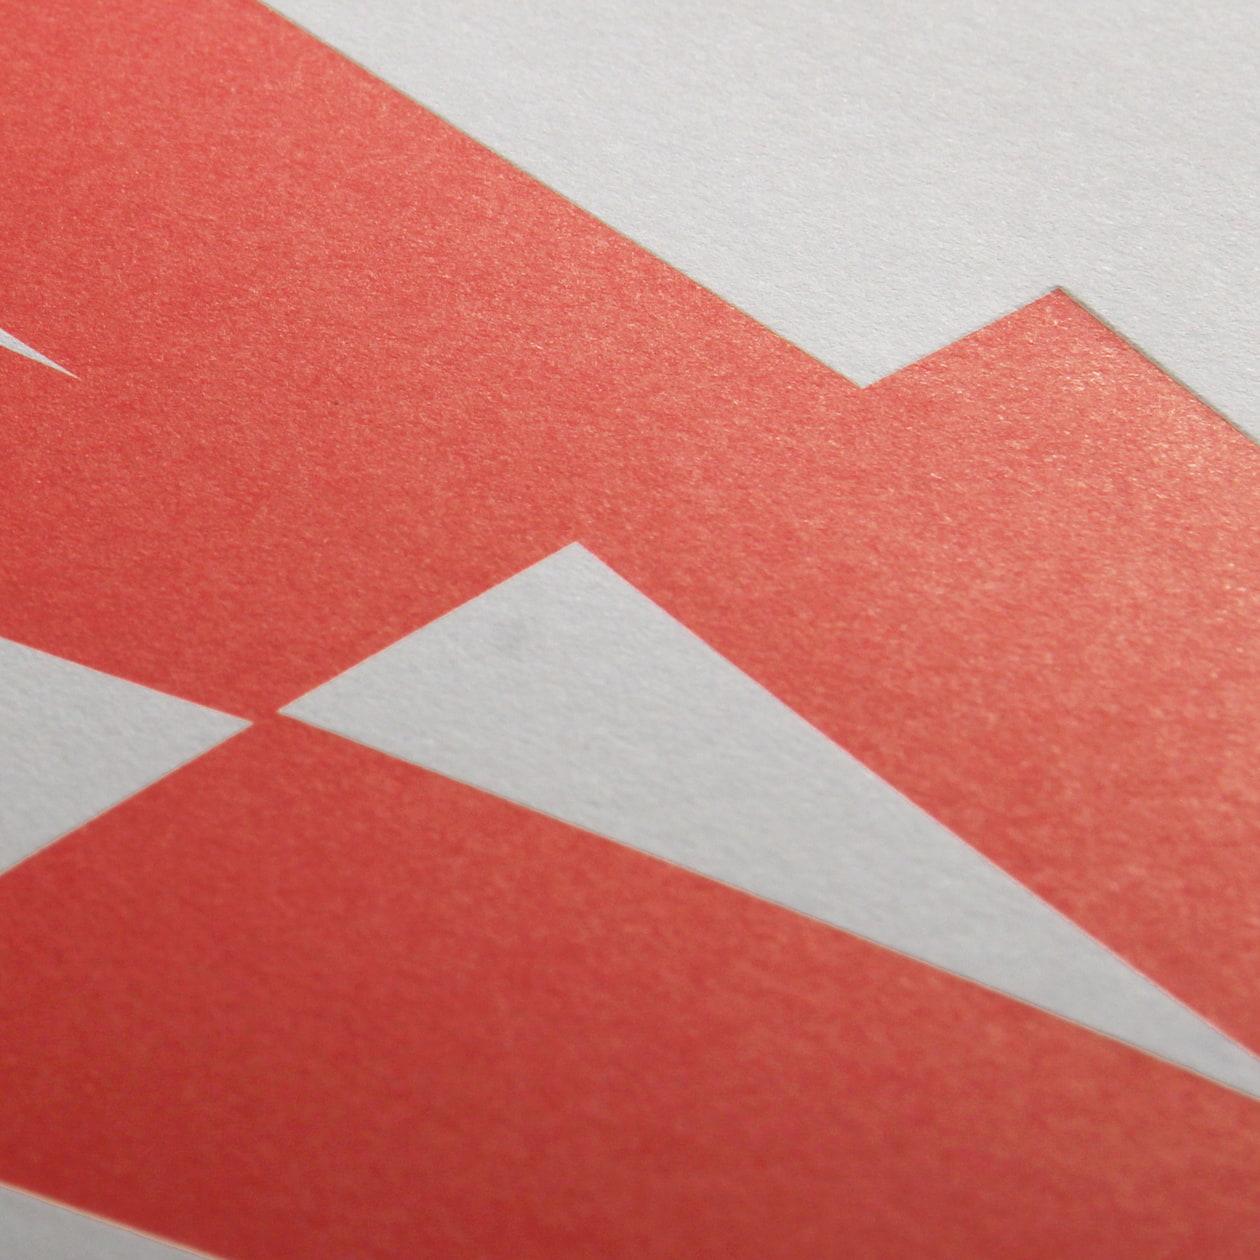 B2サイズのタイポグラフィポスター